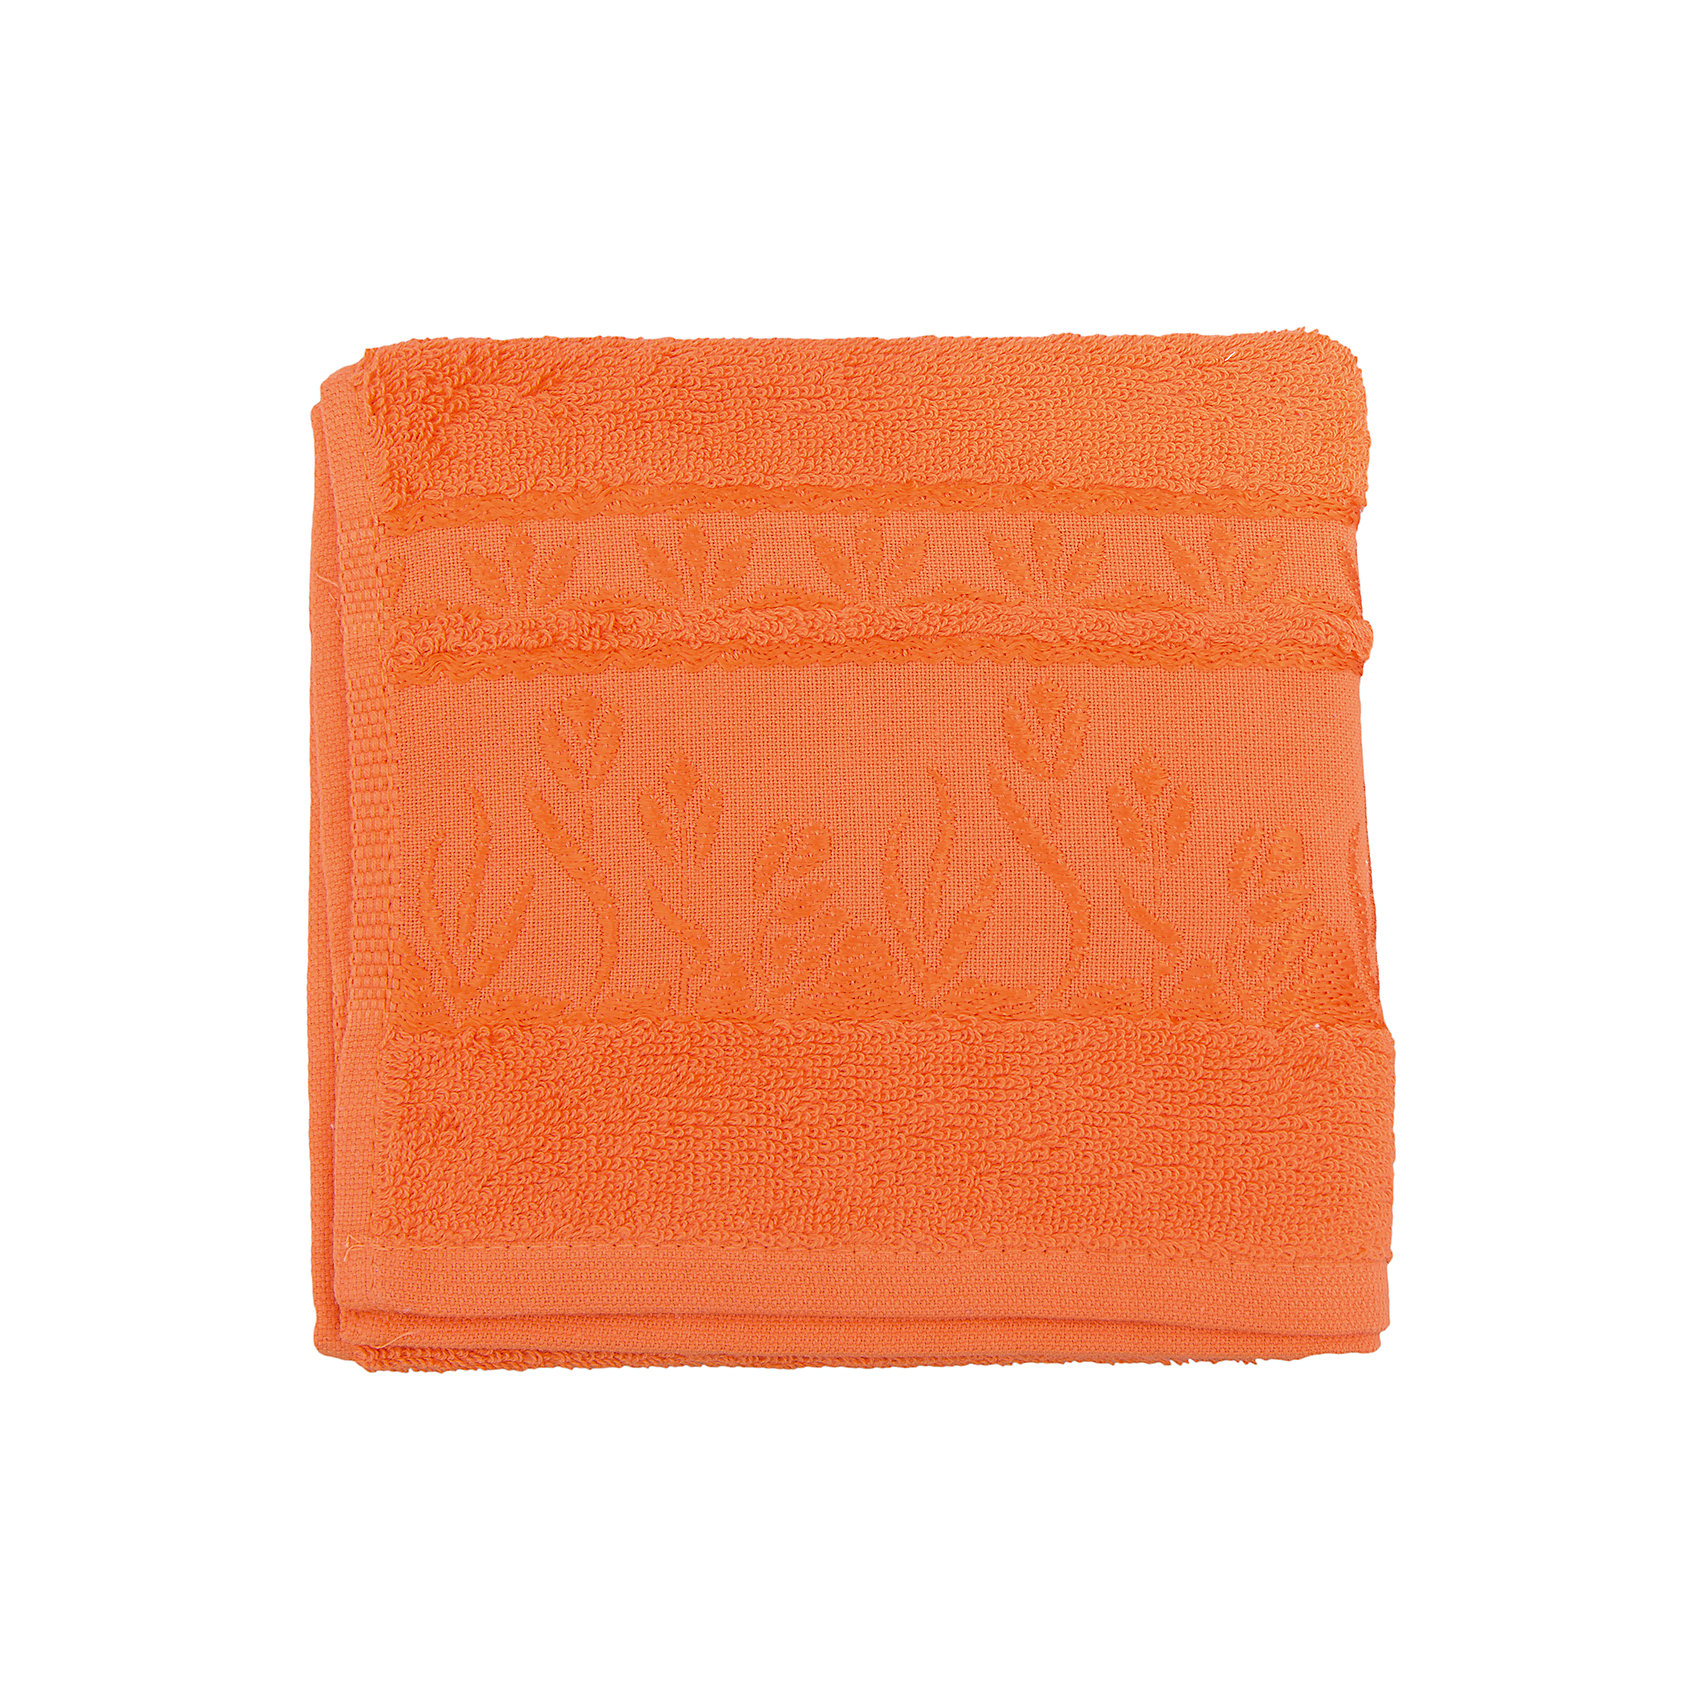 Полотенце махровое Tulips 40*75, Португалия, оранжевыйВанная комната<br>Tulips - махровое полотенце из натурального качественного хлопка. Она хорошо впитает влагу и подарит вам ощущение мягкости после водных процедур. Полотенце износостойкое и хорошо сохраняет цвет. Украшено жаккардовым узором. <br><br>Дополнительная информация:<br>Материал: 100% хлопок<br>Плотность: 500 г/м2<br>Размер: 40х75 см<br>Цвет: оранжевый<br>Торговая марка: Португалия<br><br>Вы можете приобрести махровое полотенце Tulips  в нашем интернет-магазине.<br><br>Ширина мм: 500<br>Глубина мм: 500<br>Высота мм: 200<br>Вес г: 200<br>Возраст от месяцев: 0<br>Возраст до месяцев: 144<br>Пол: Унисекс<br>Возраст: Детский<br>SKU: 5010935